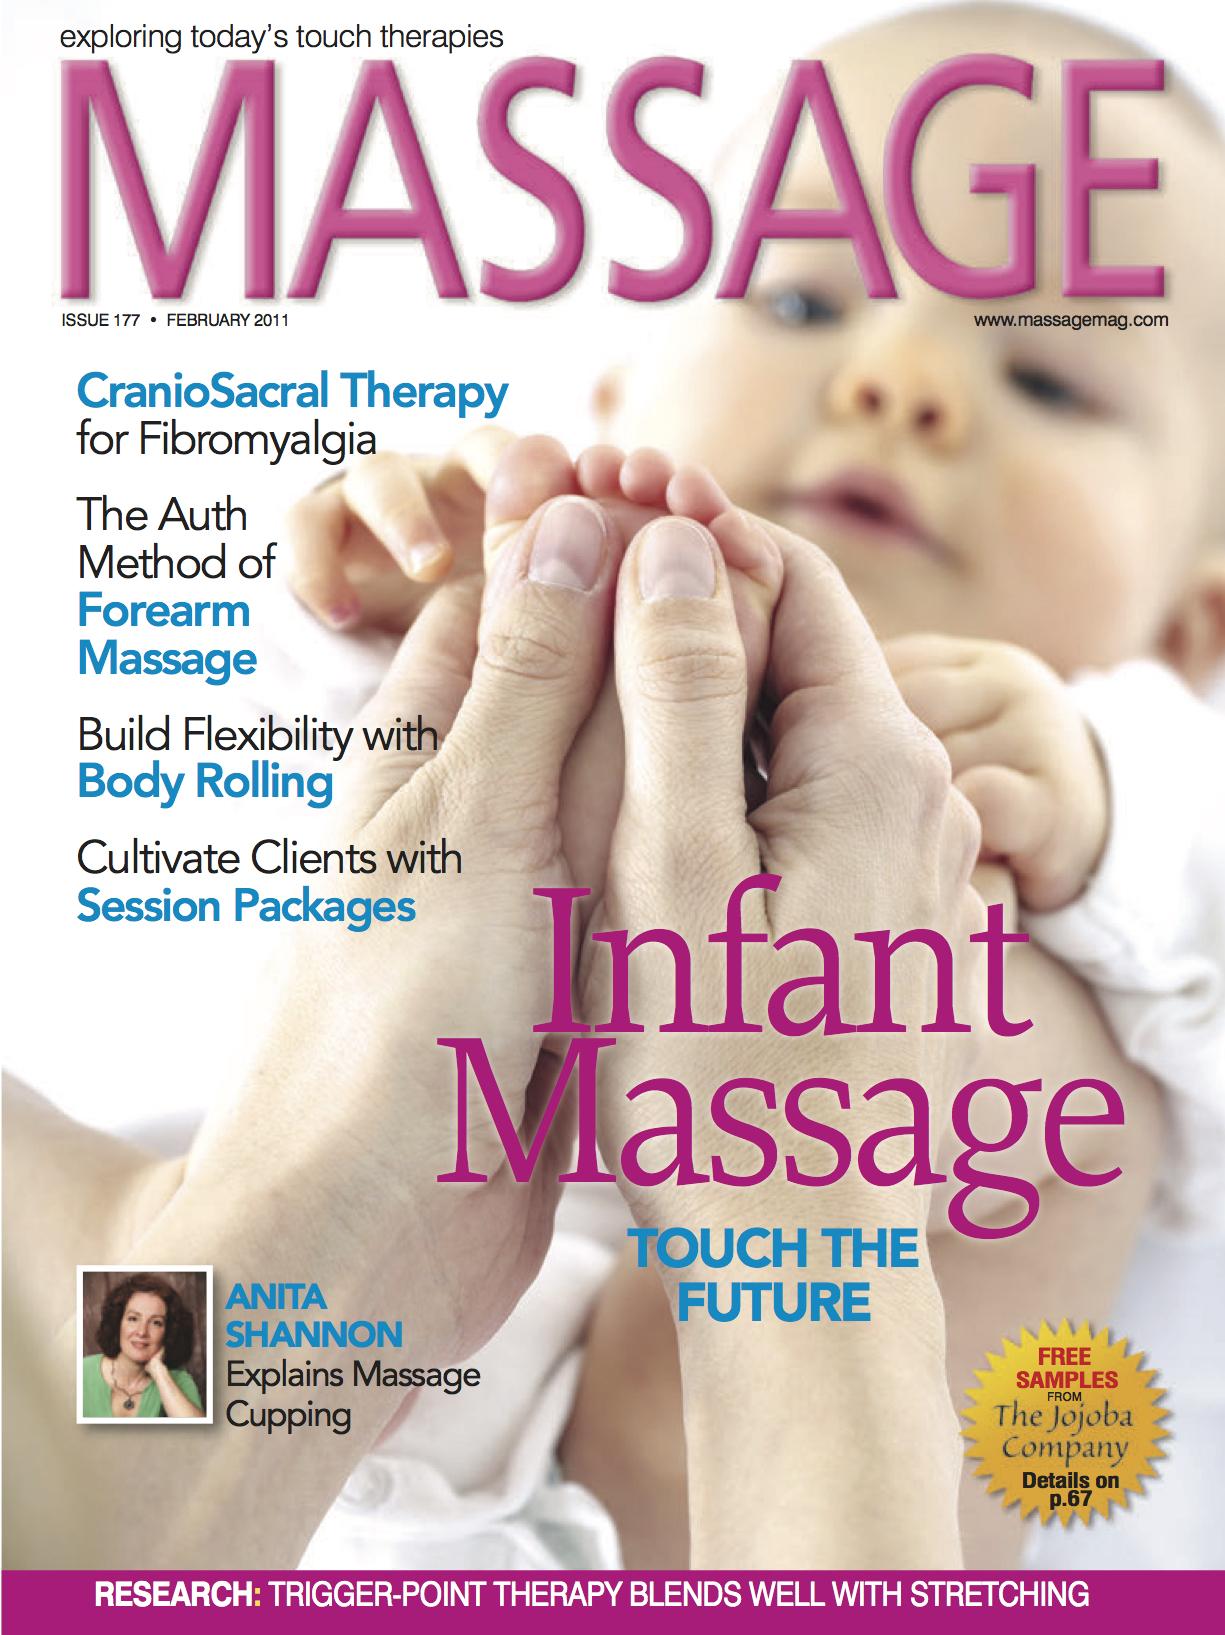 Massage Magazine - February 2011